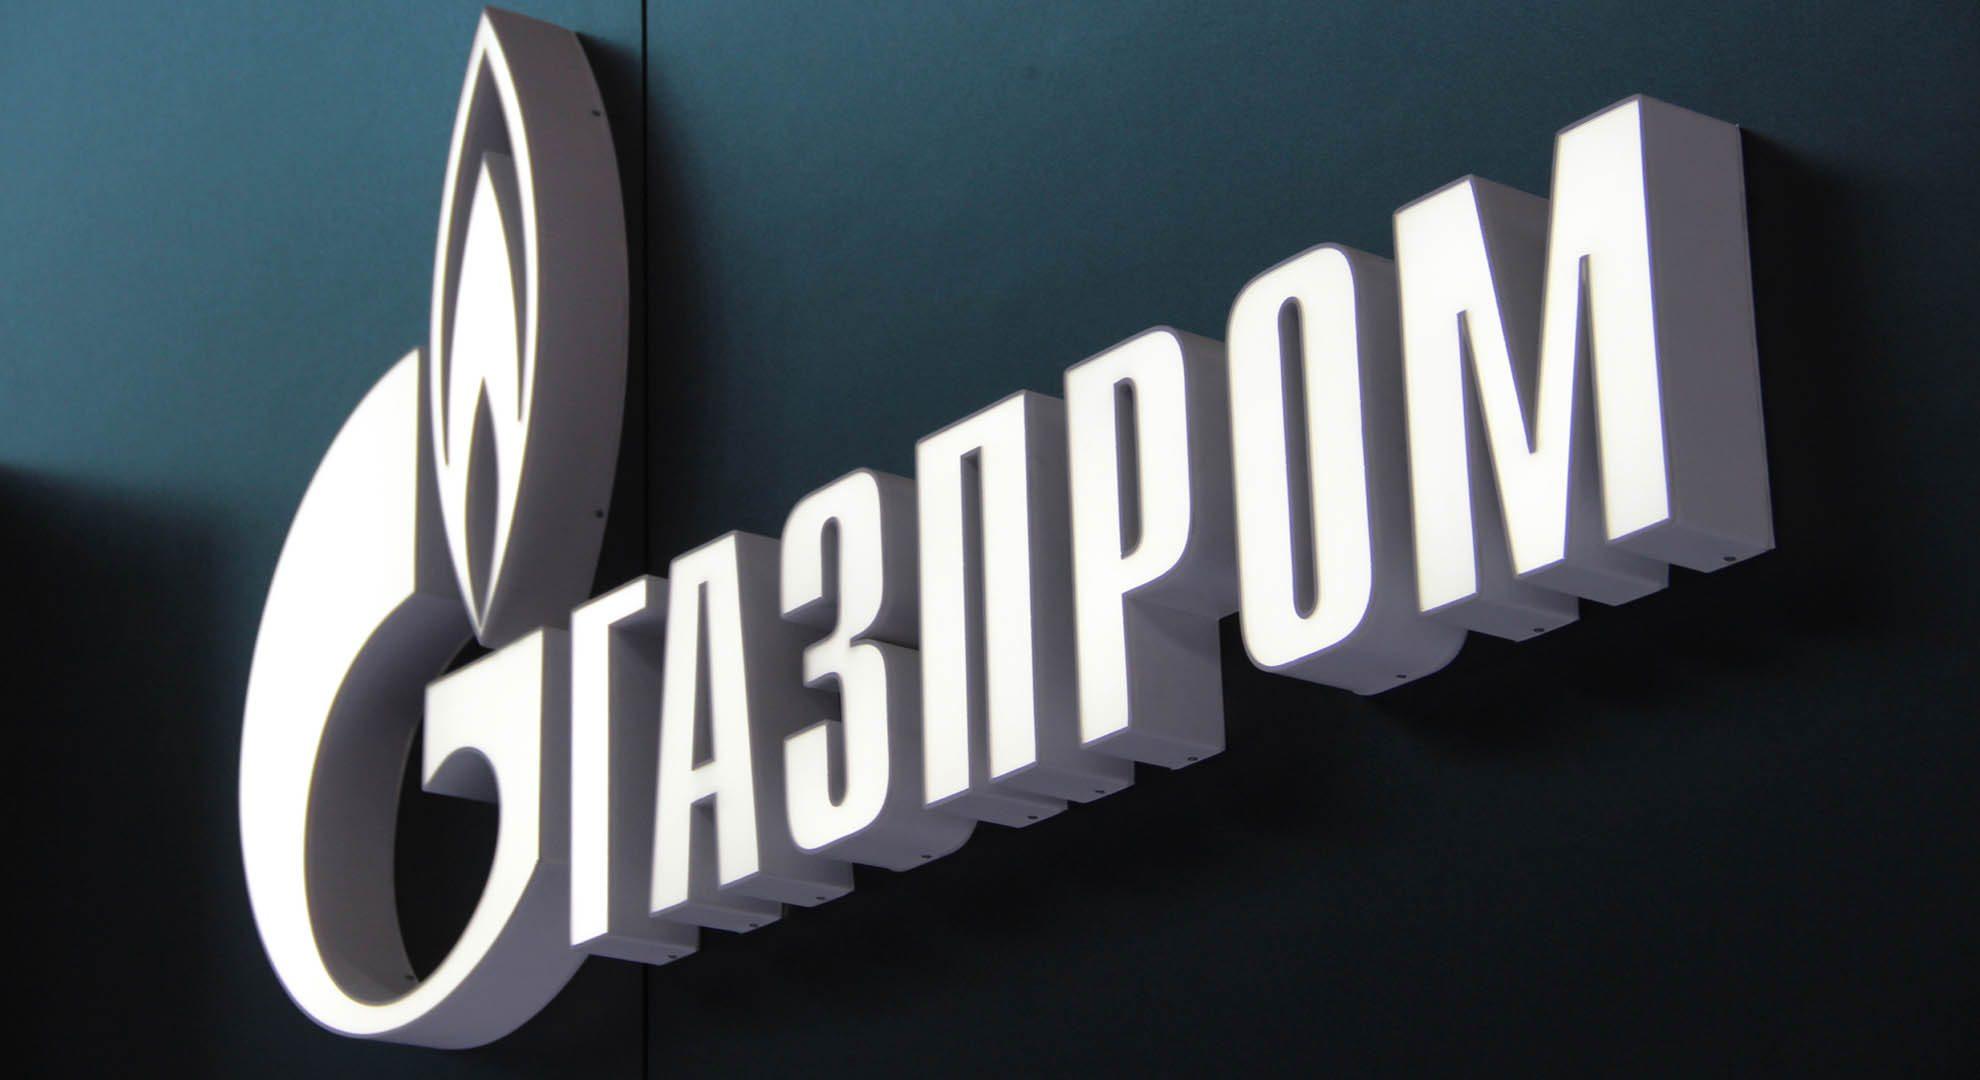 к годовому Общему собранию акционеров ПАО «Газпром»